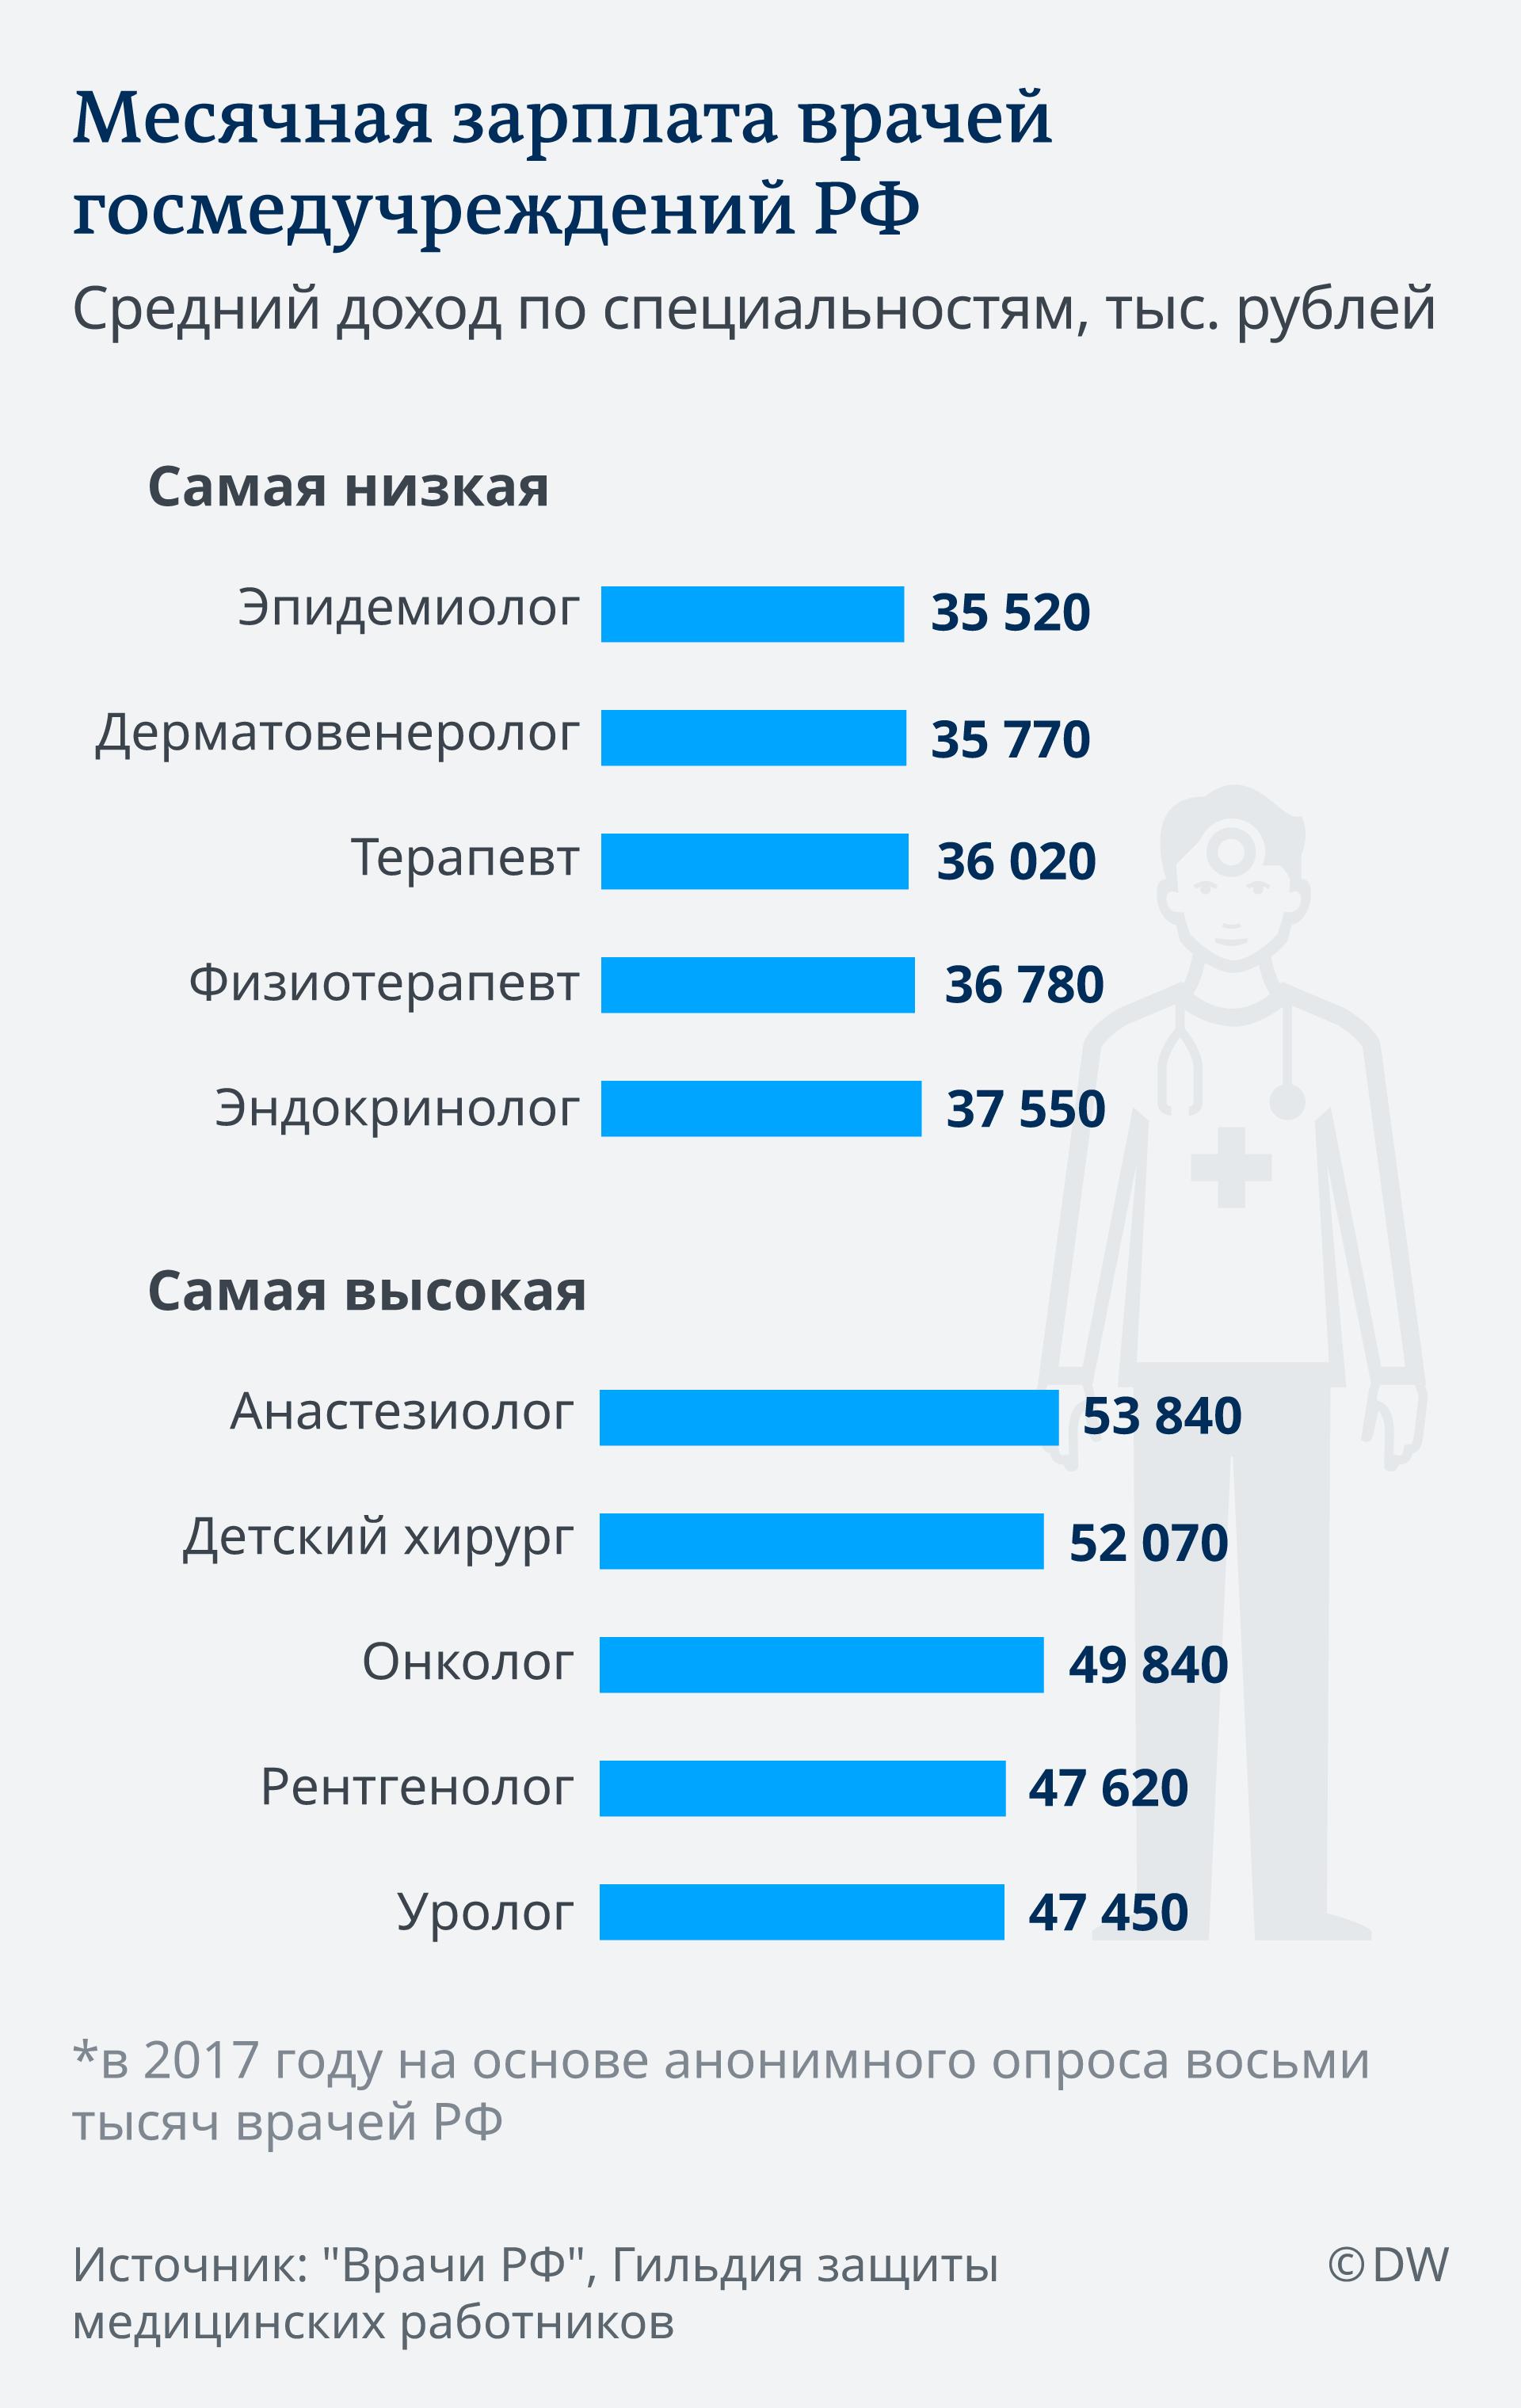 Infografik Höchste und niedrigste Arzteinkommen in Russland RU